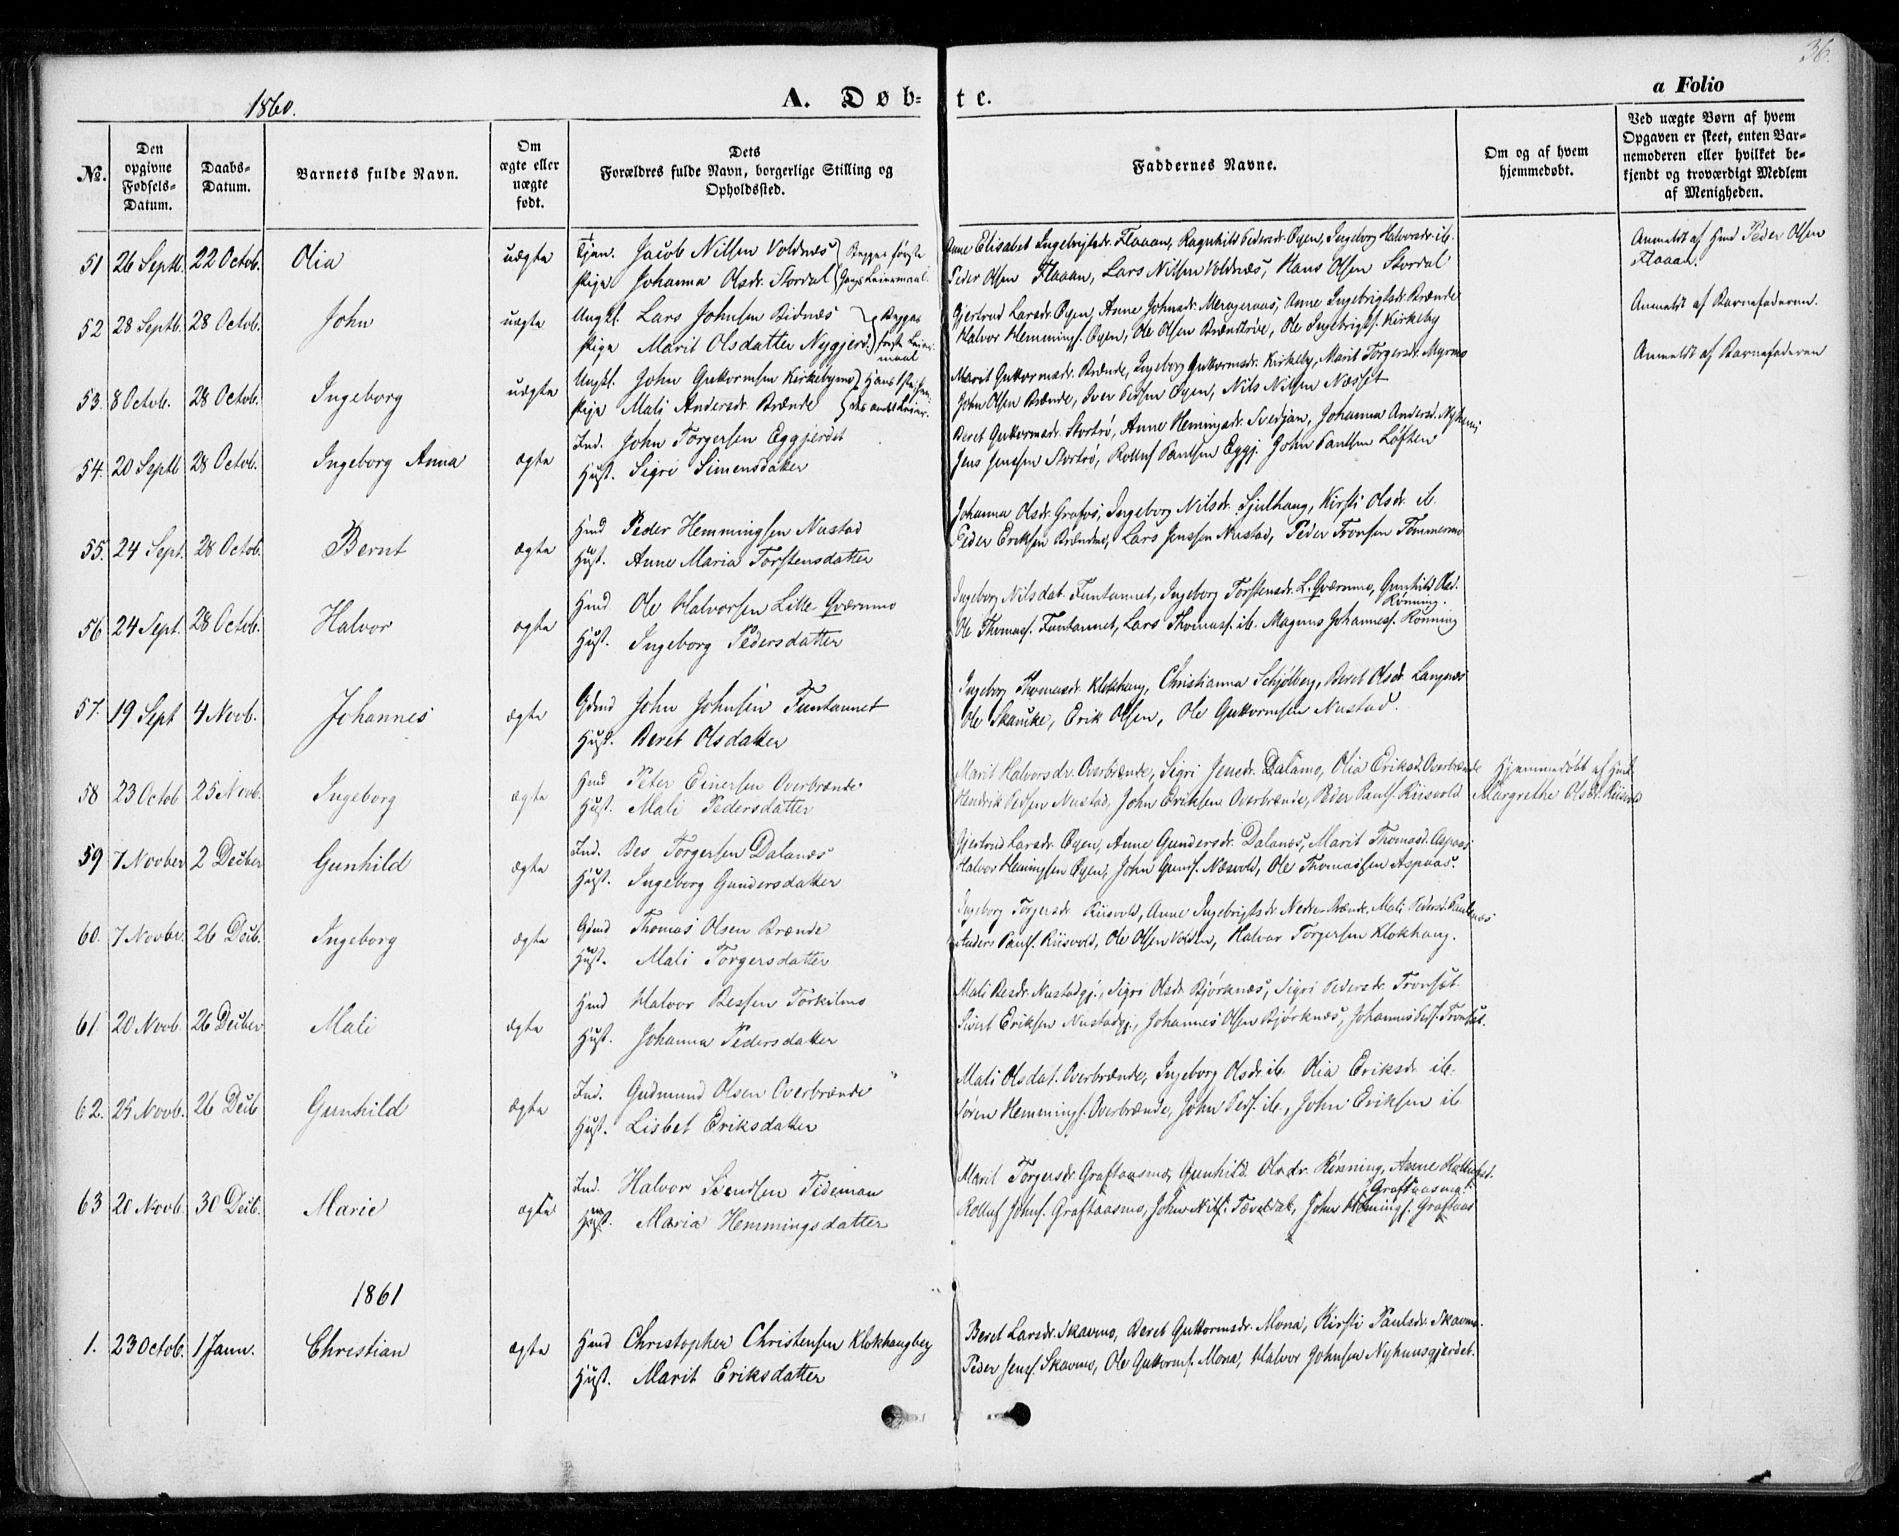 SAT, Ministerialprotokoller, klokkerbøker og fødselsregistre - Nord-Trøndelag, 706/L0040: Parish register (official) no. 706A01, 1850-1861, p. 36